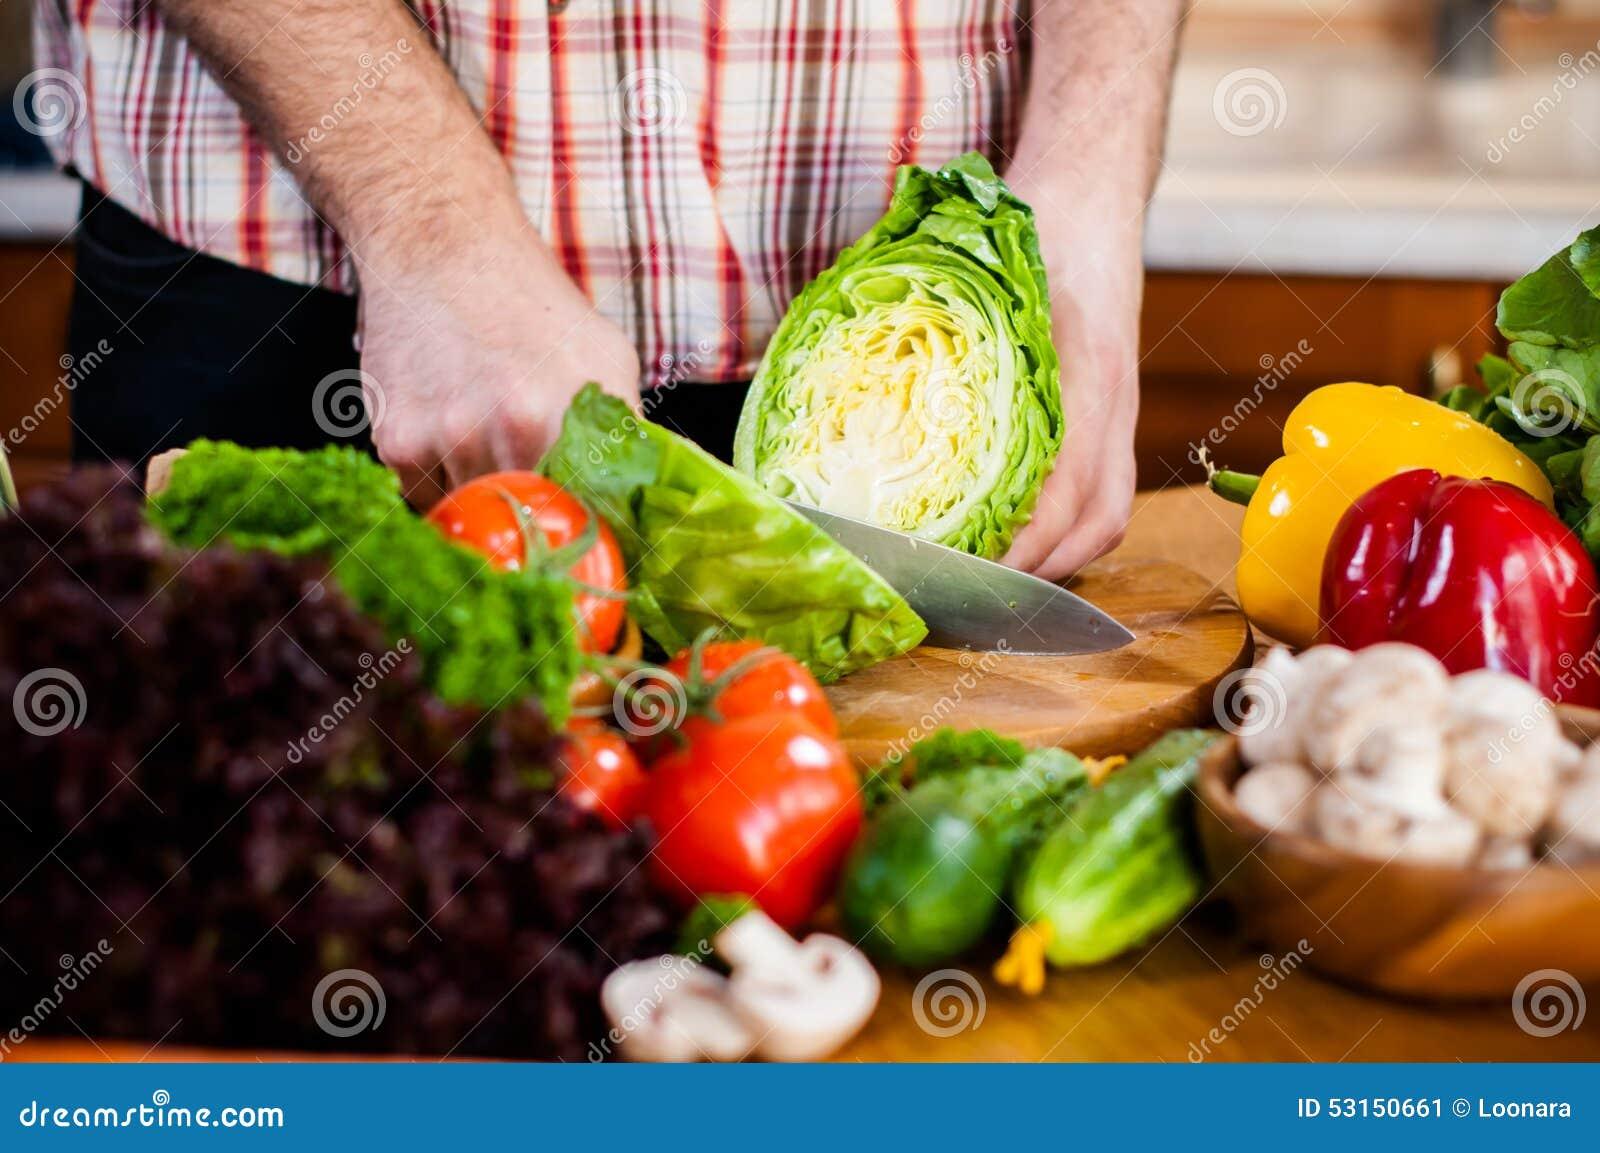 Mannen klipper nya vårgrönsaker